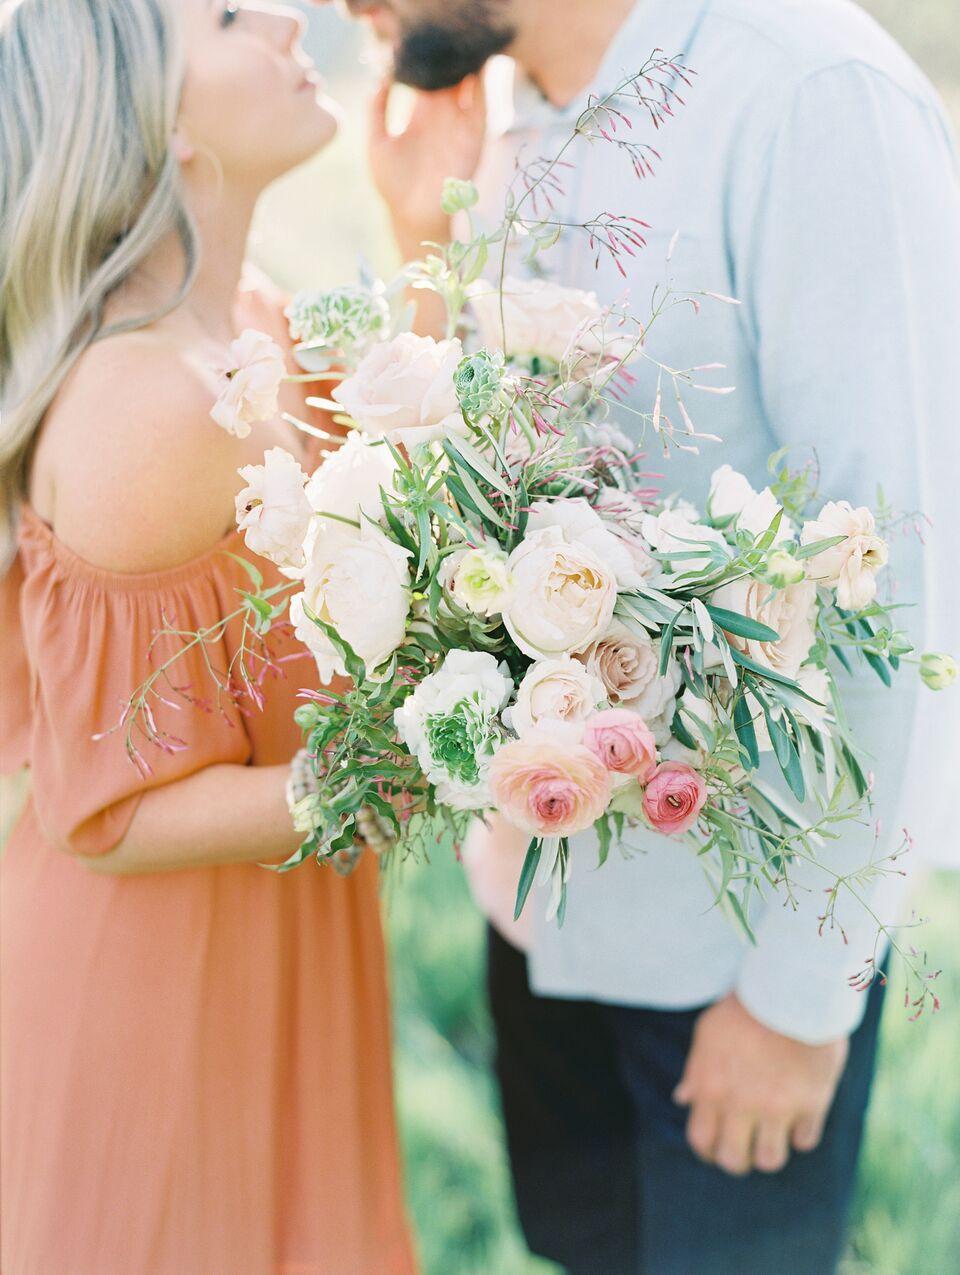 Engagement bouquet